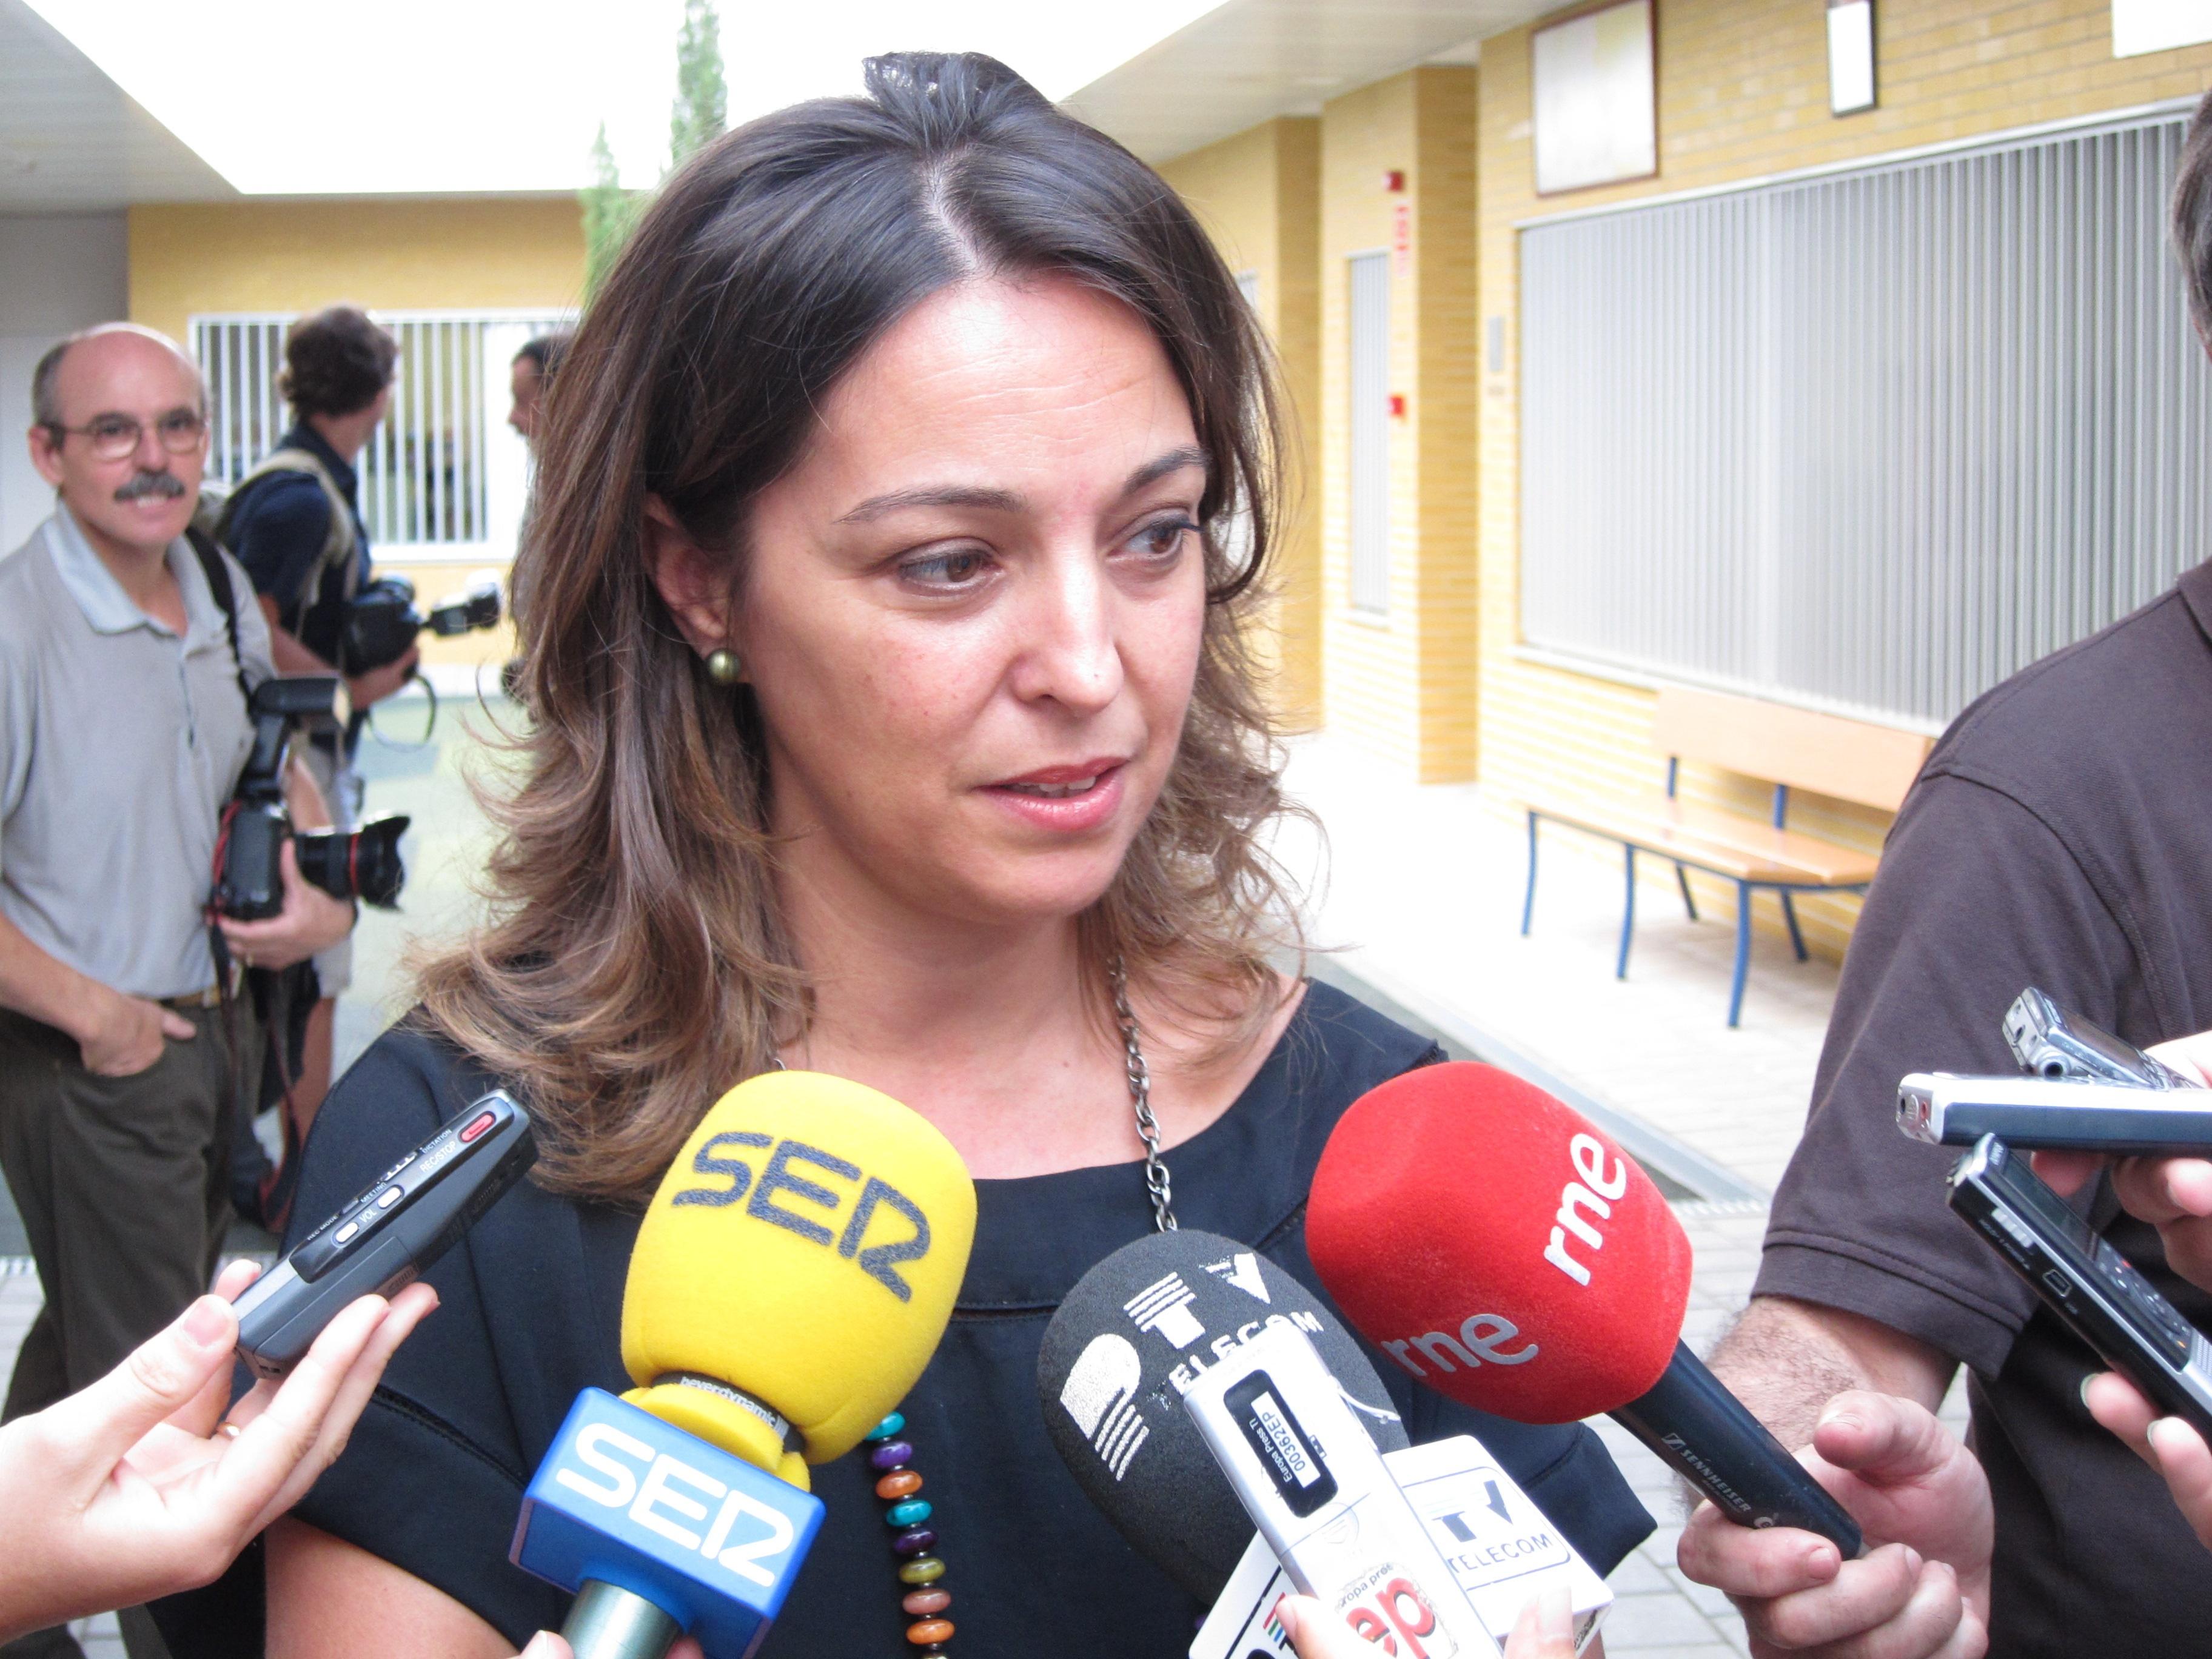 El Punto de Coordinación de ordenes de violencia de género registró en Córdoba 287 procedimientos en 2012